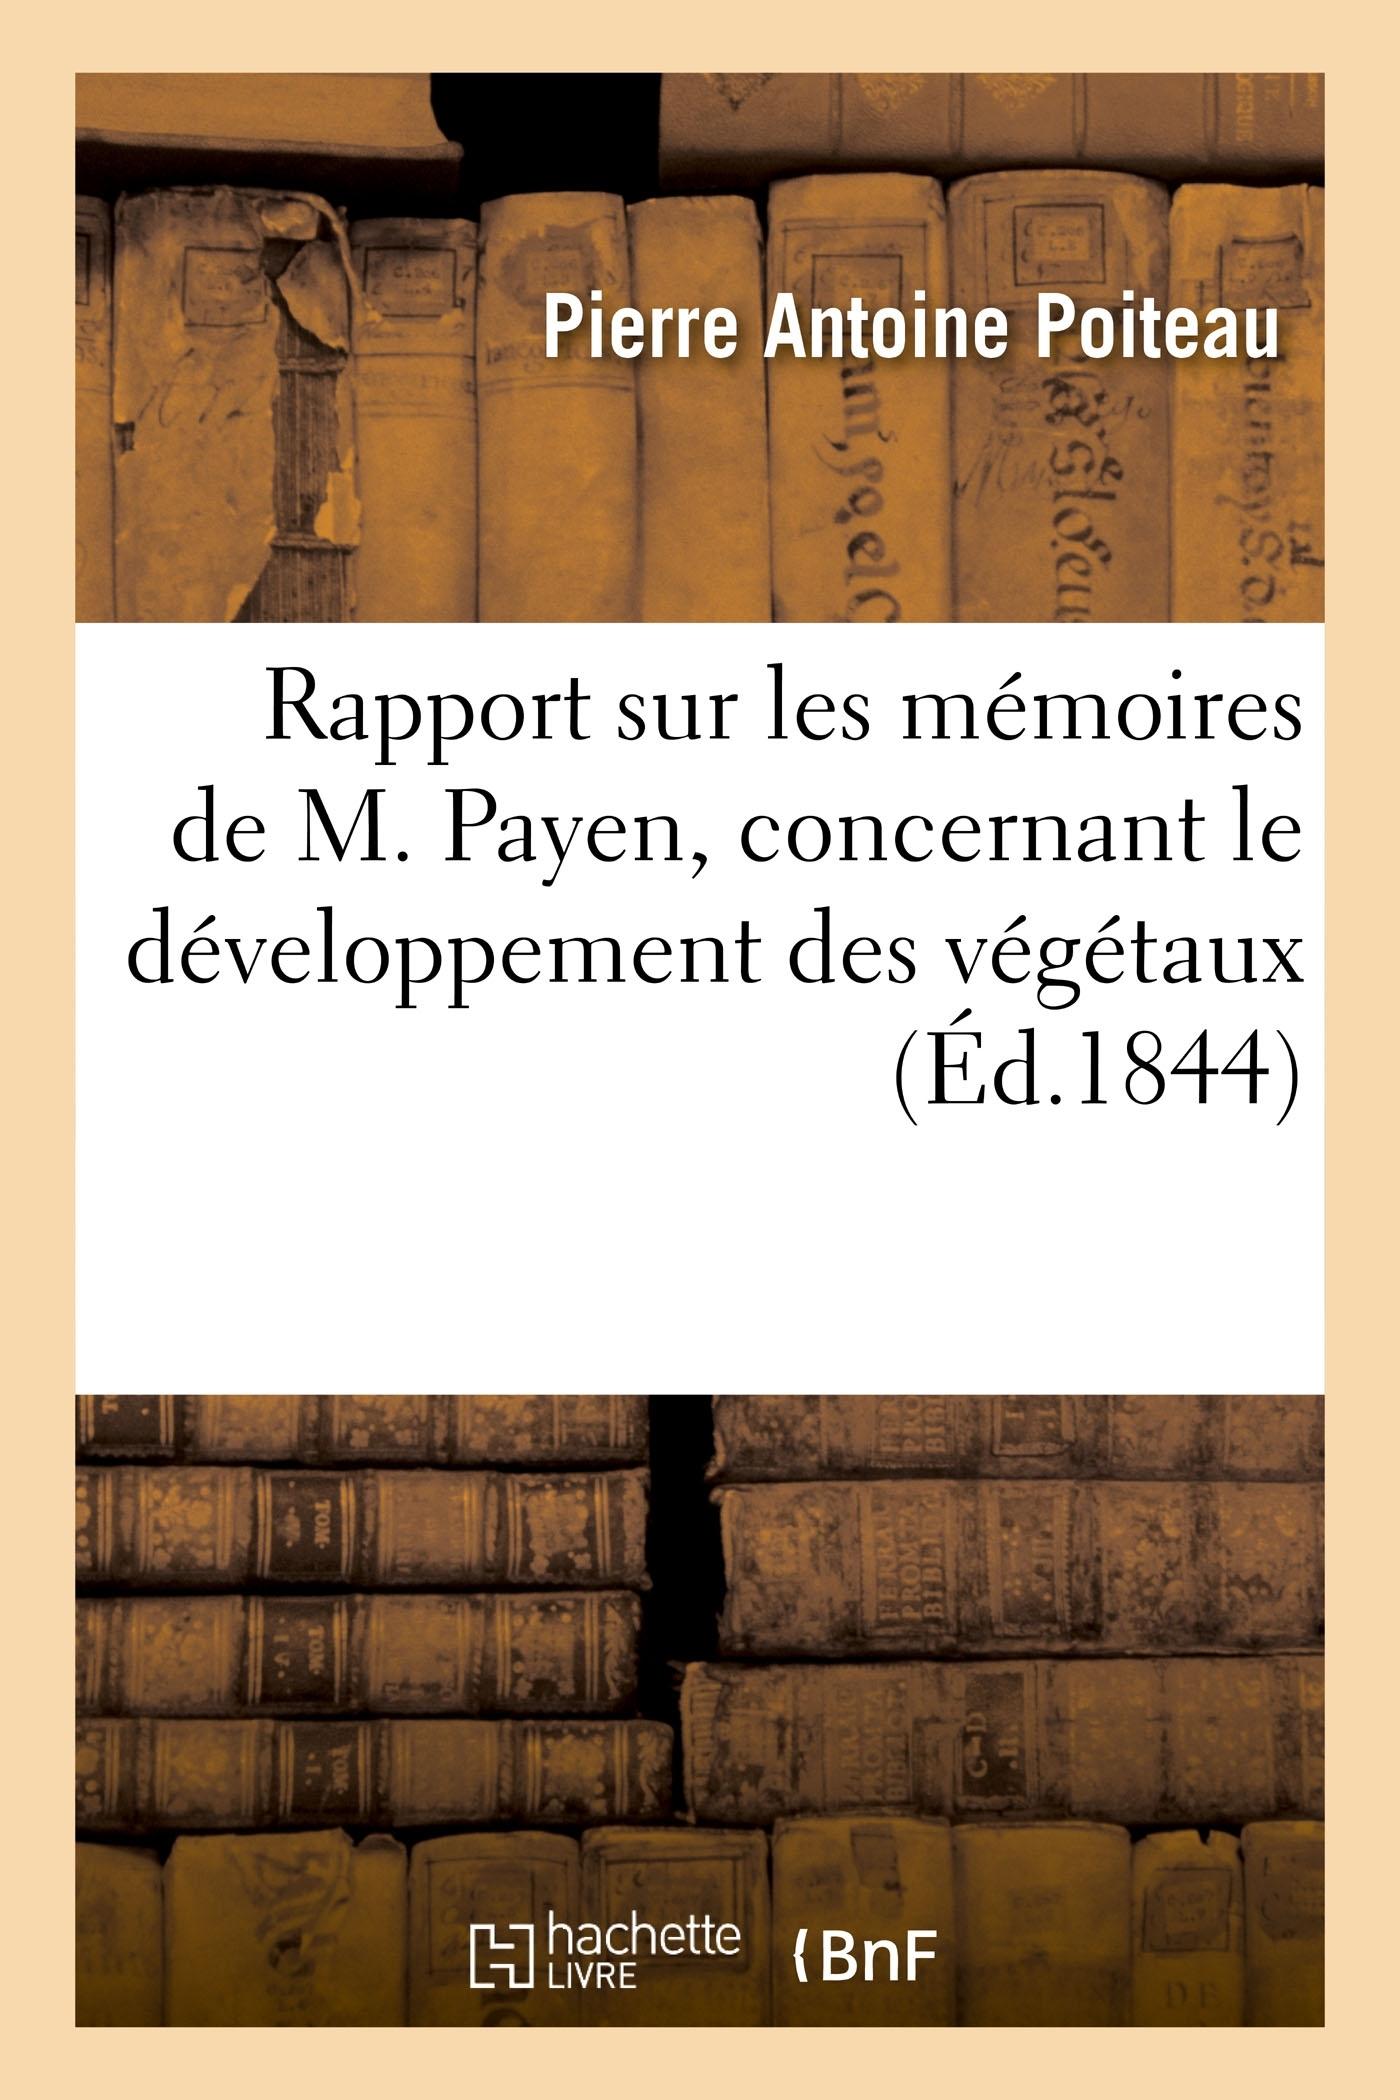 RAPPORT SUR LES MEMOIRES DE M. PAYEN, CONCERNANT LE DEVELOPPEMENT DES VEGETAUX